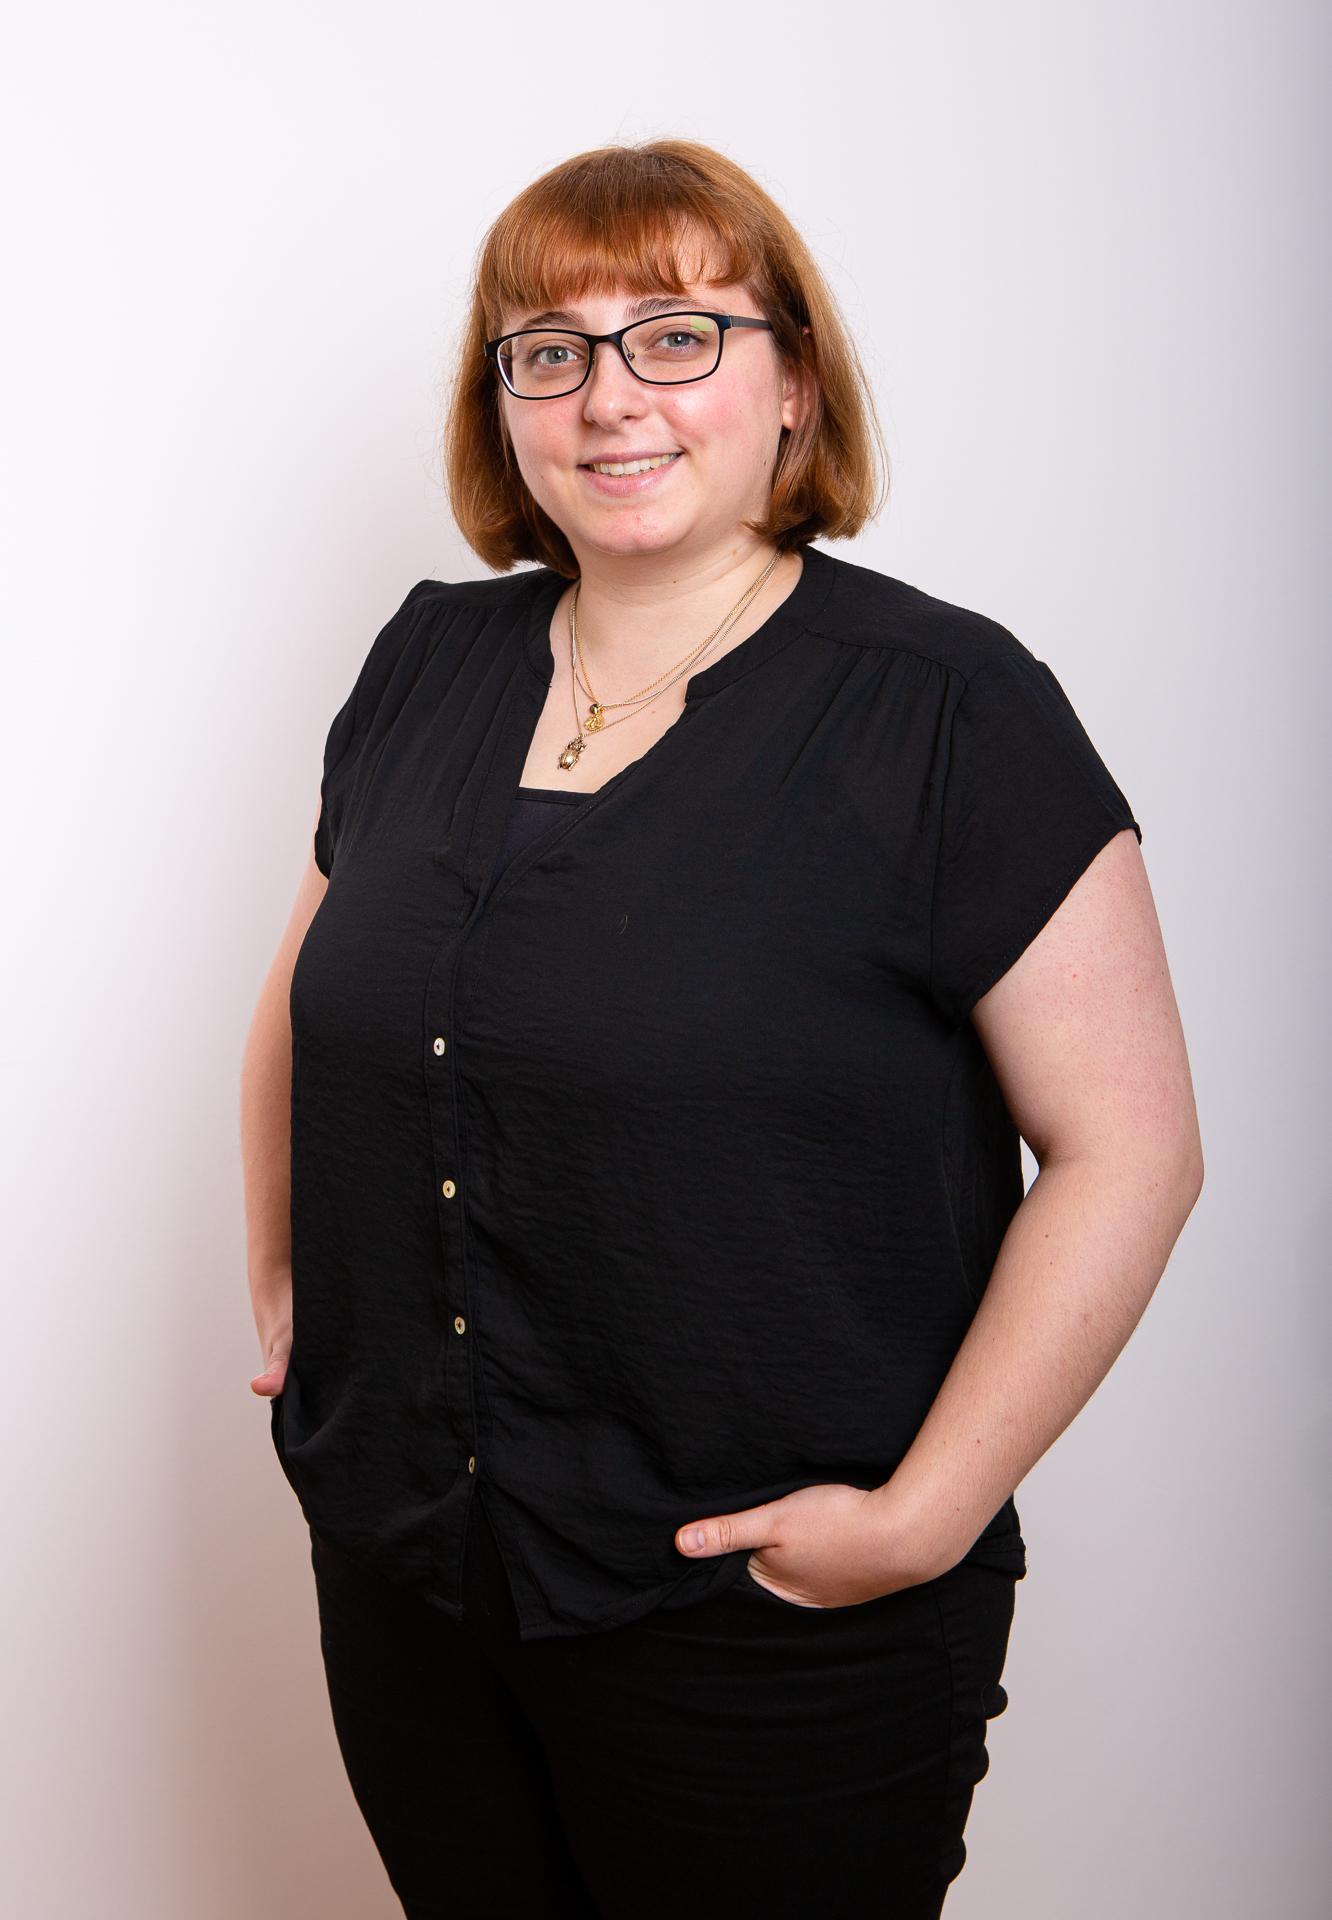 Christine Lukas